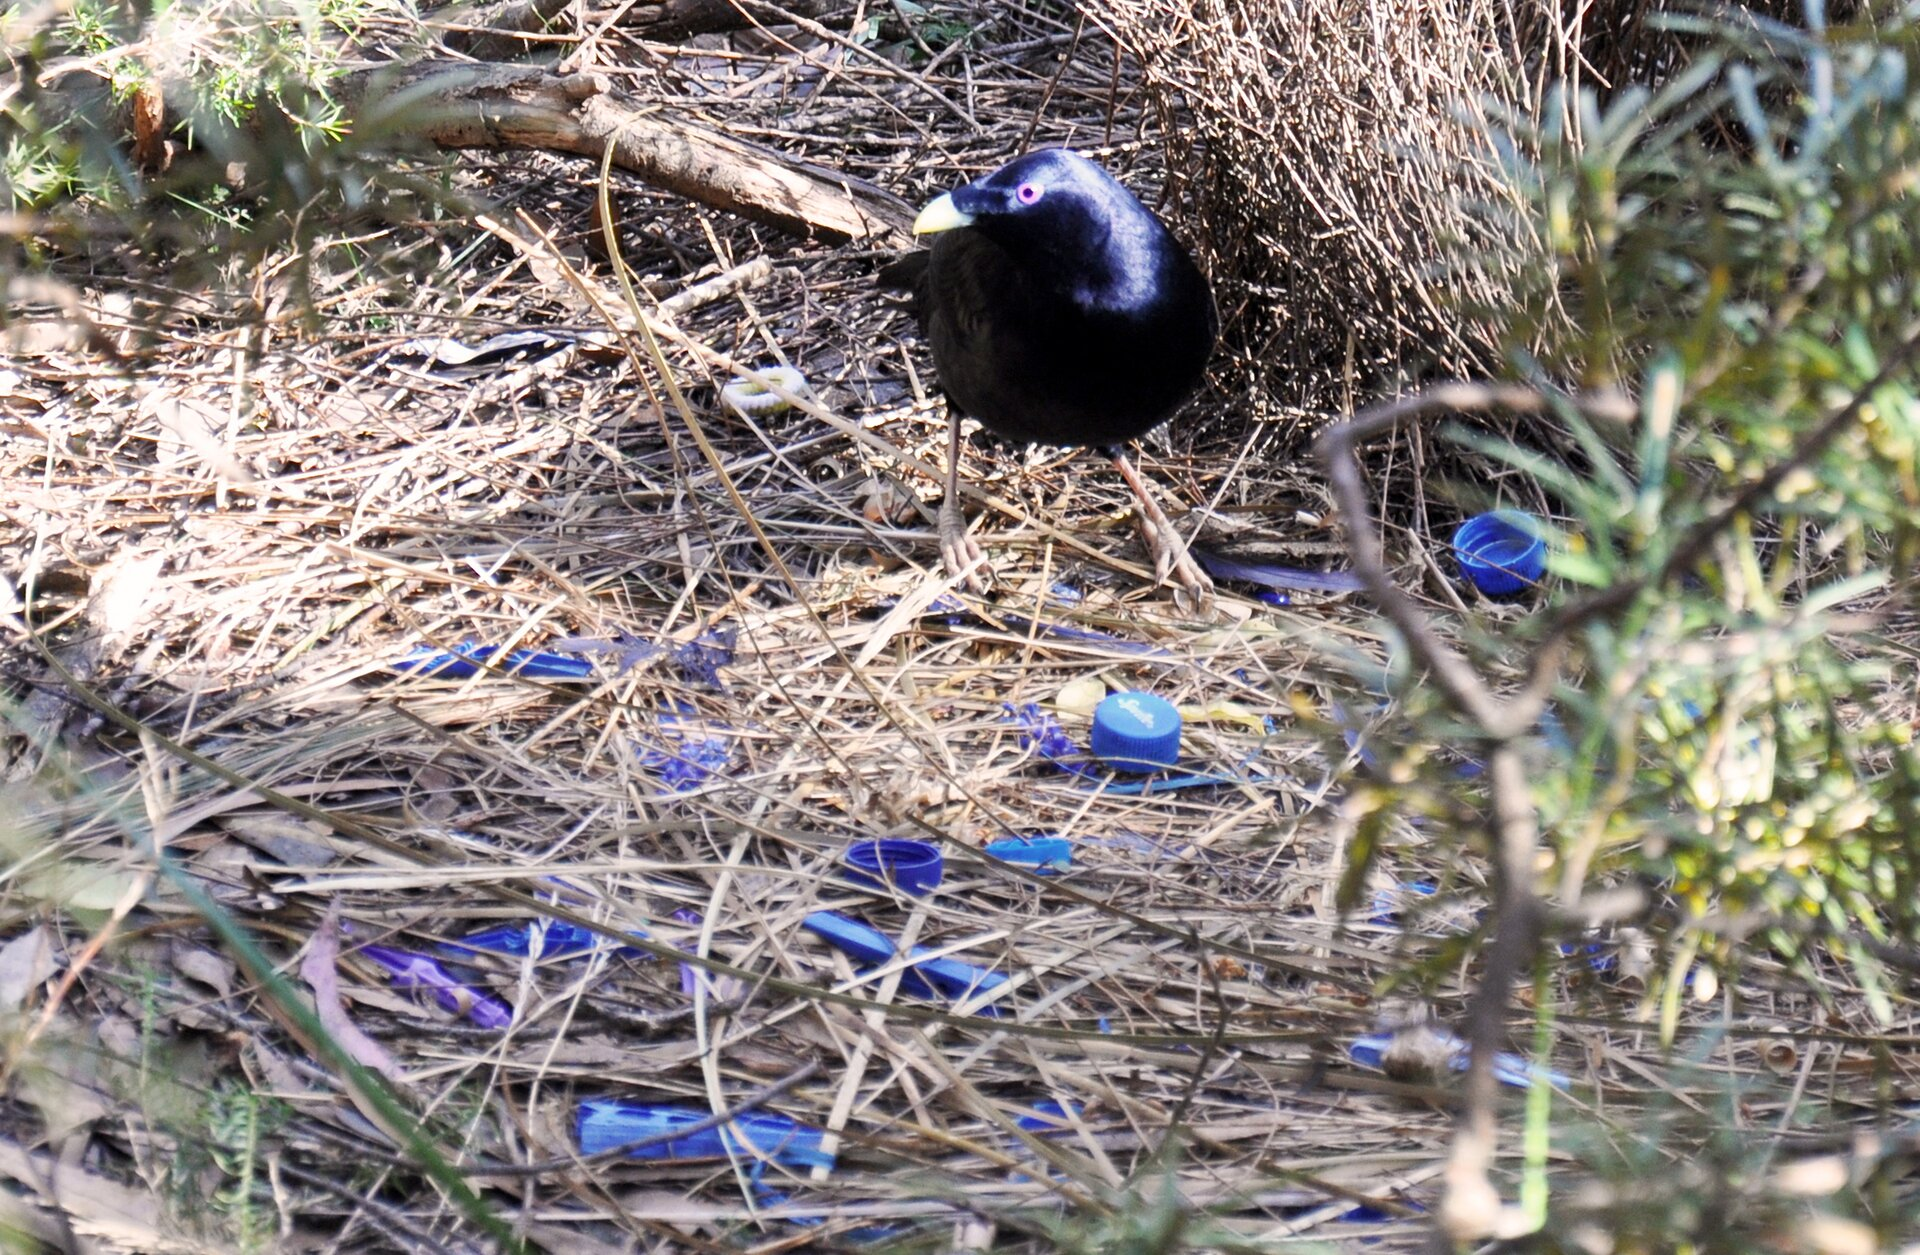 Altannik lśniący budujący gniazdo Źródło: Summ, licencja: CC BY-SA 3.0.